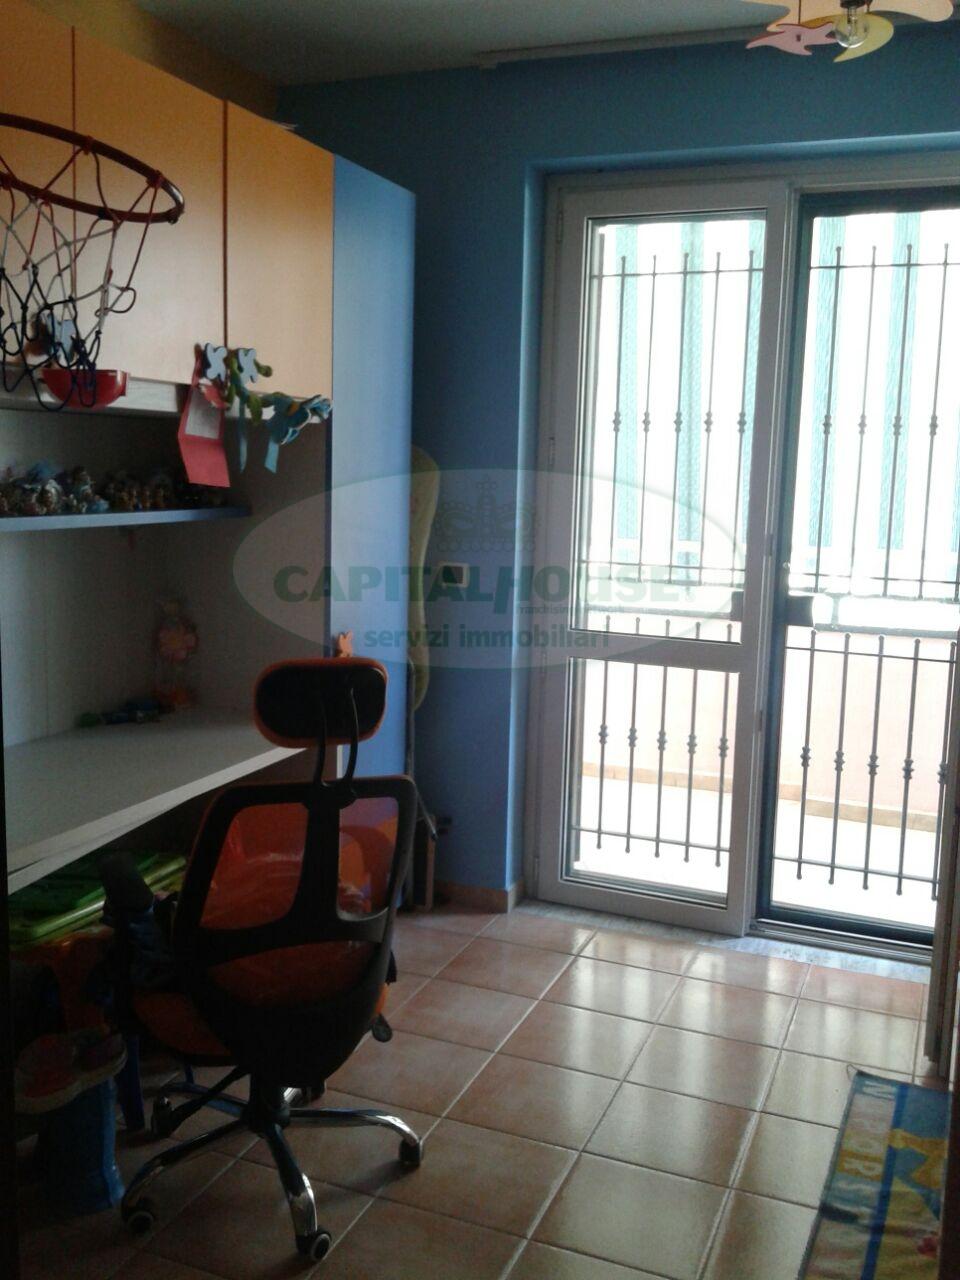 Appartamento in vendita a Portico di Caserta, 3 locali, prezzo € 98.000 | CambioCasa.it